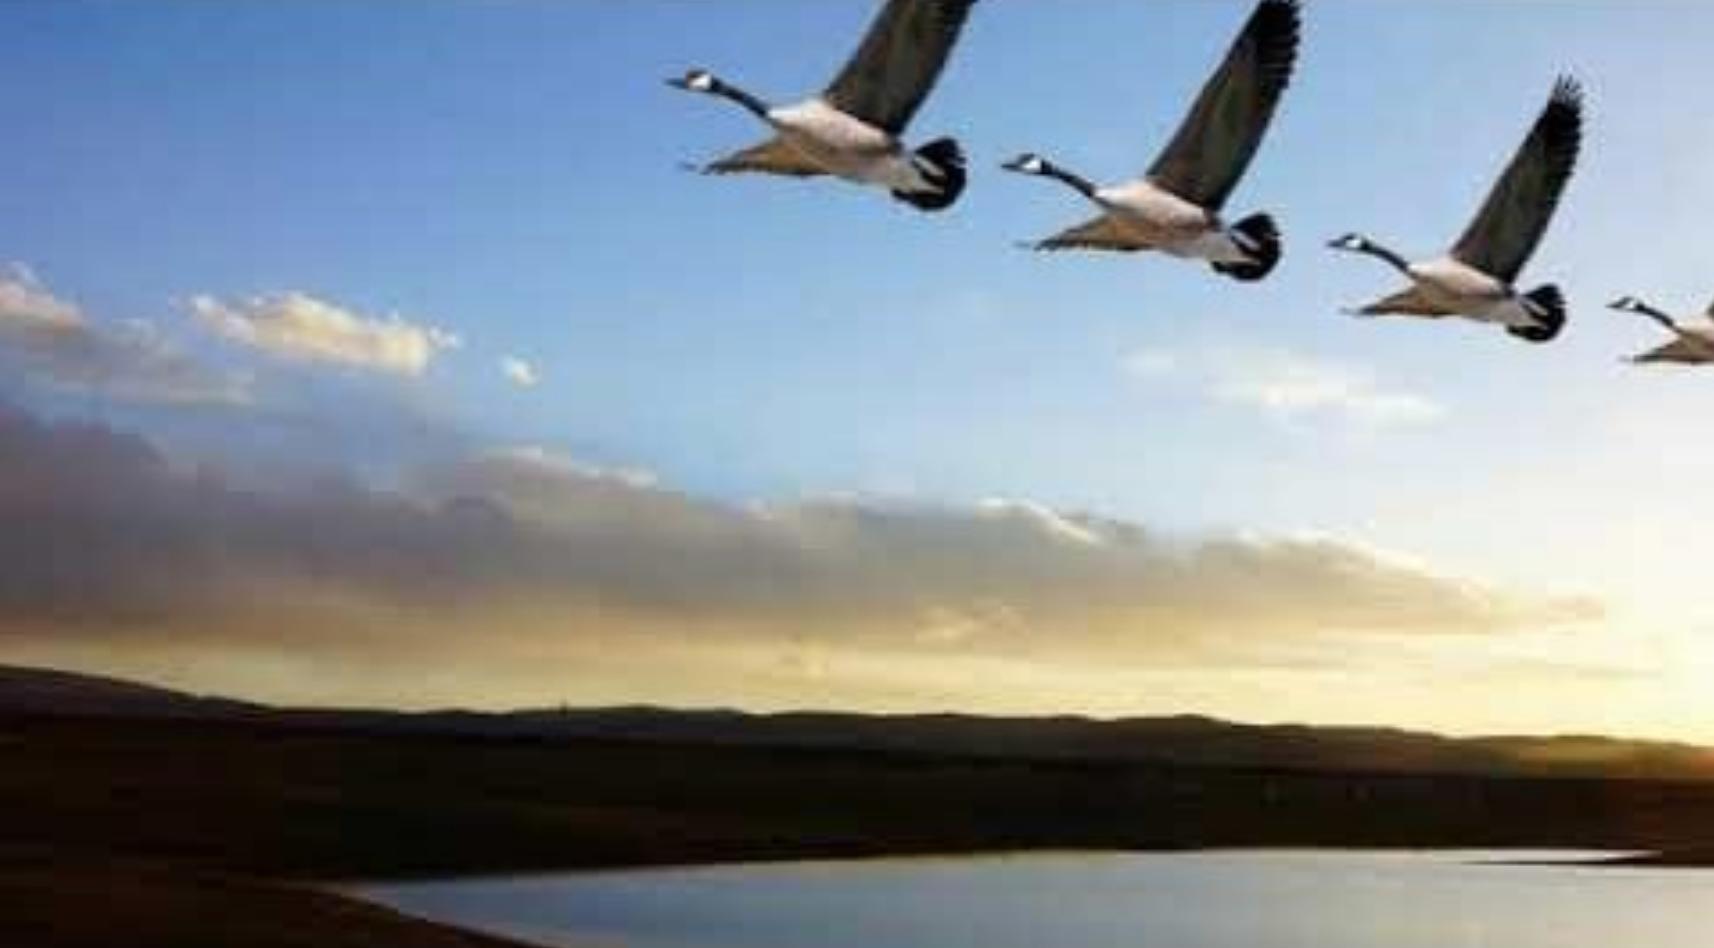 海外義工、法輪功學員打給國內的一通通電話,如美麗的飛鴻穿越大洋。(圖片來源:網絡圖片)